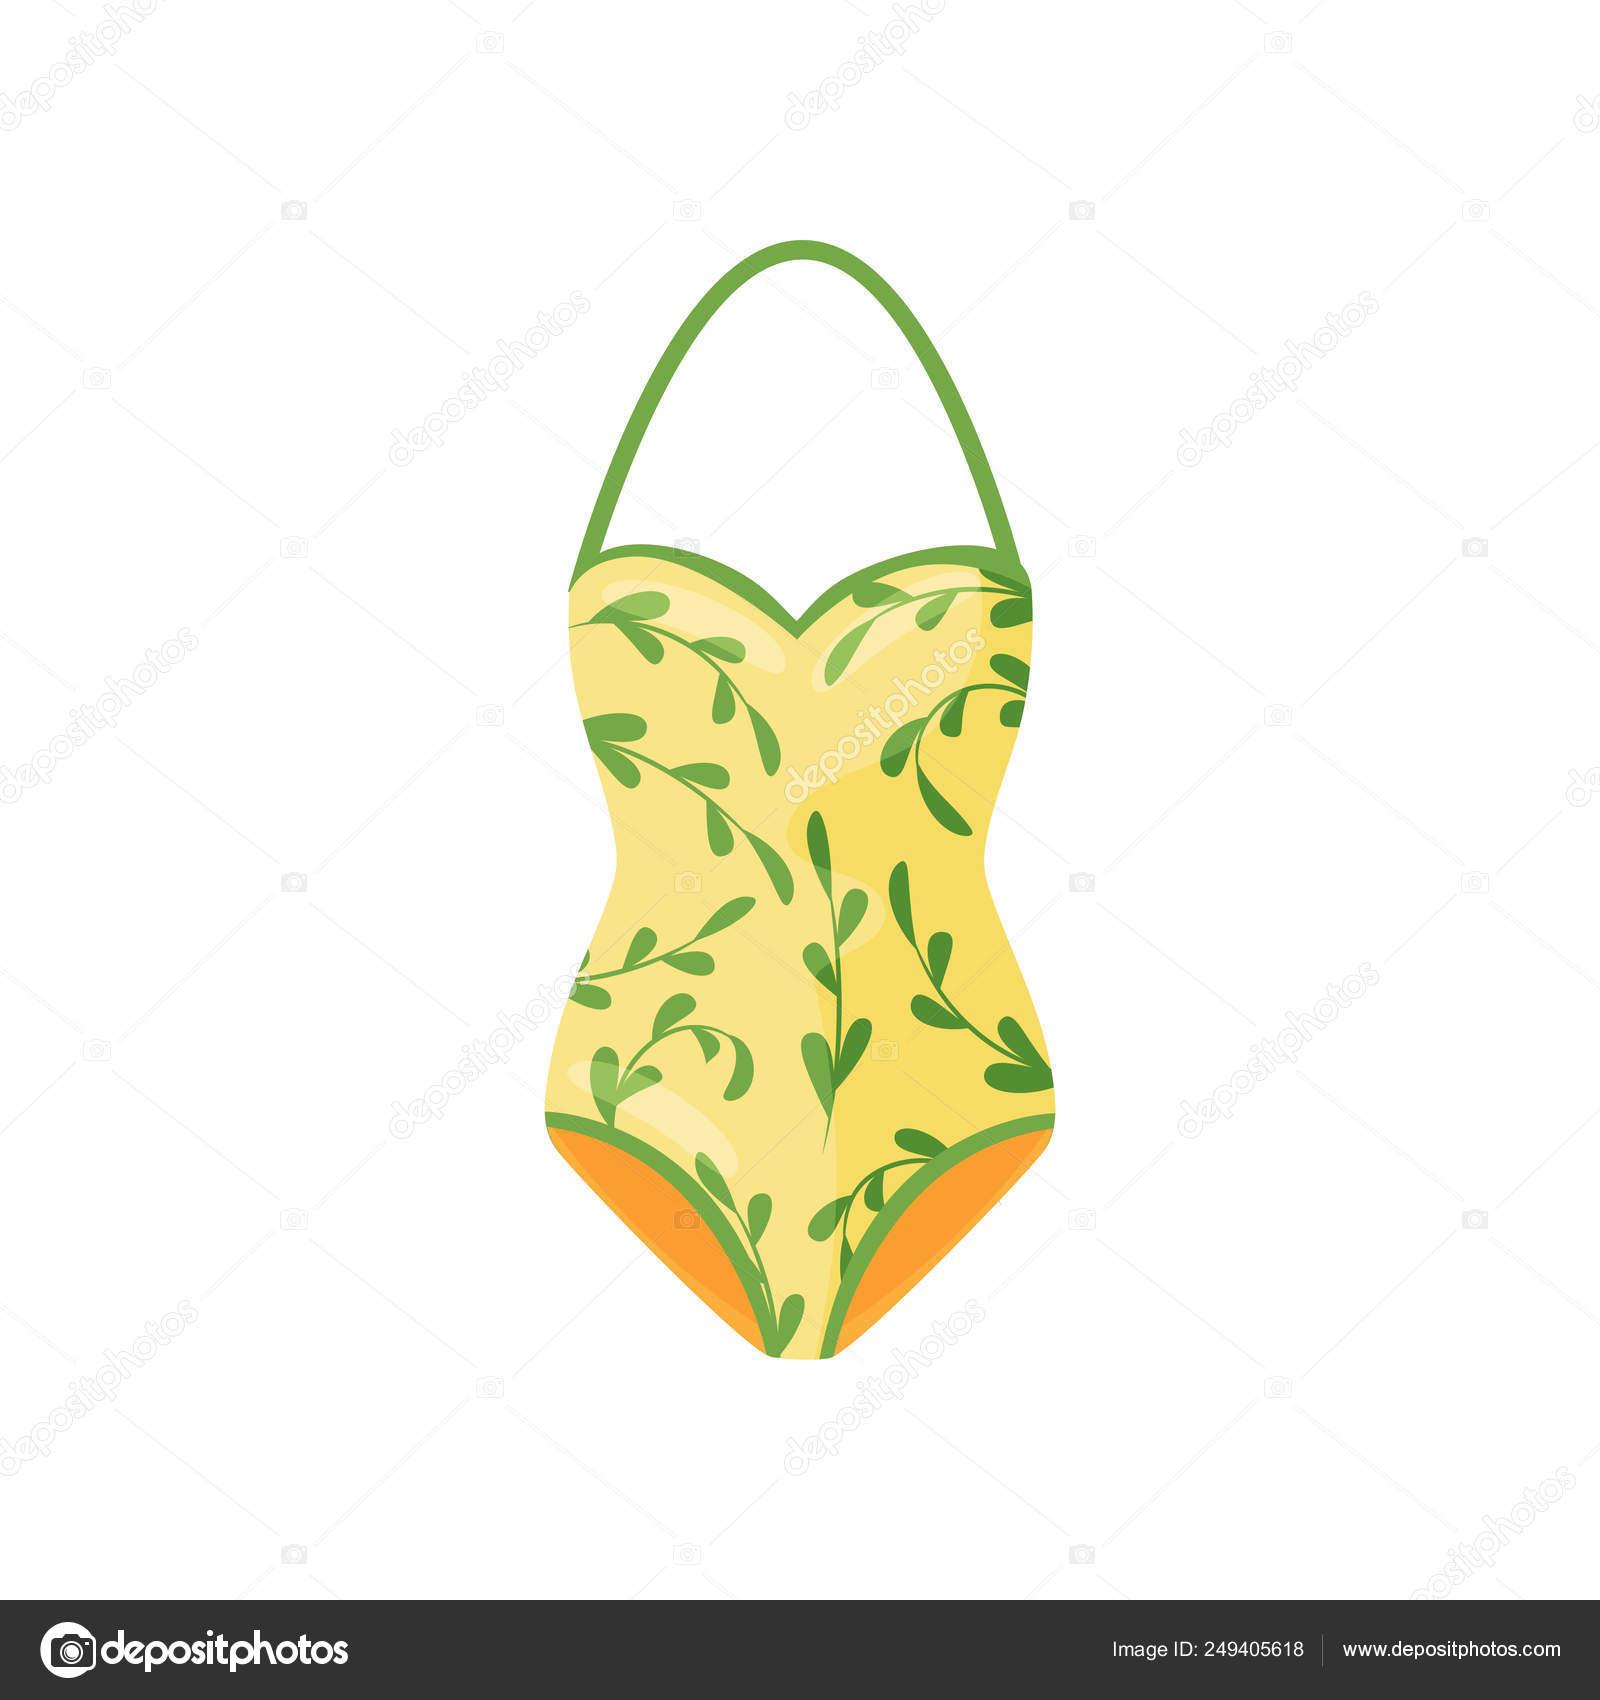 64f8f8b287e5 Traje de baño halter amarillo con patrón natural. Ropa de mujer ...